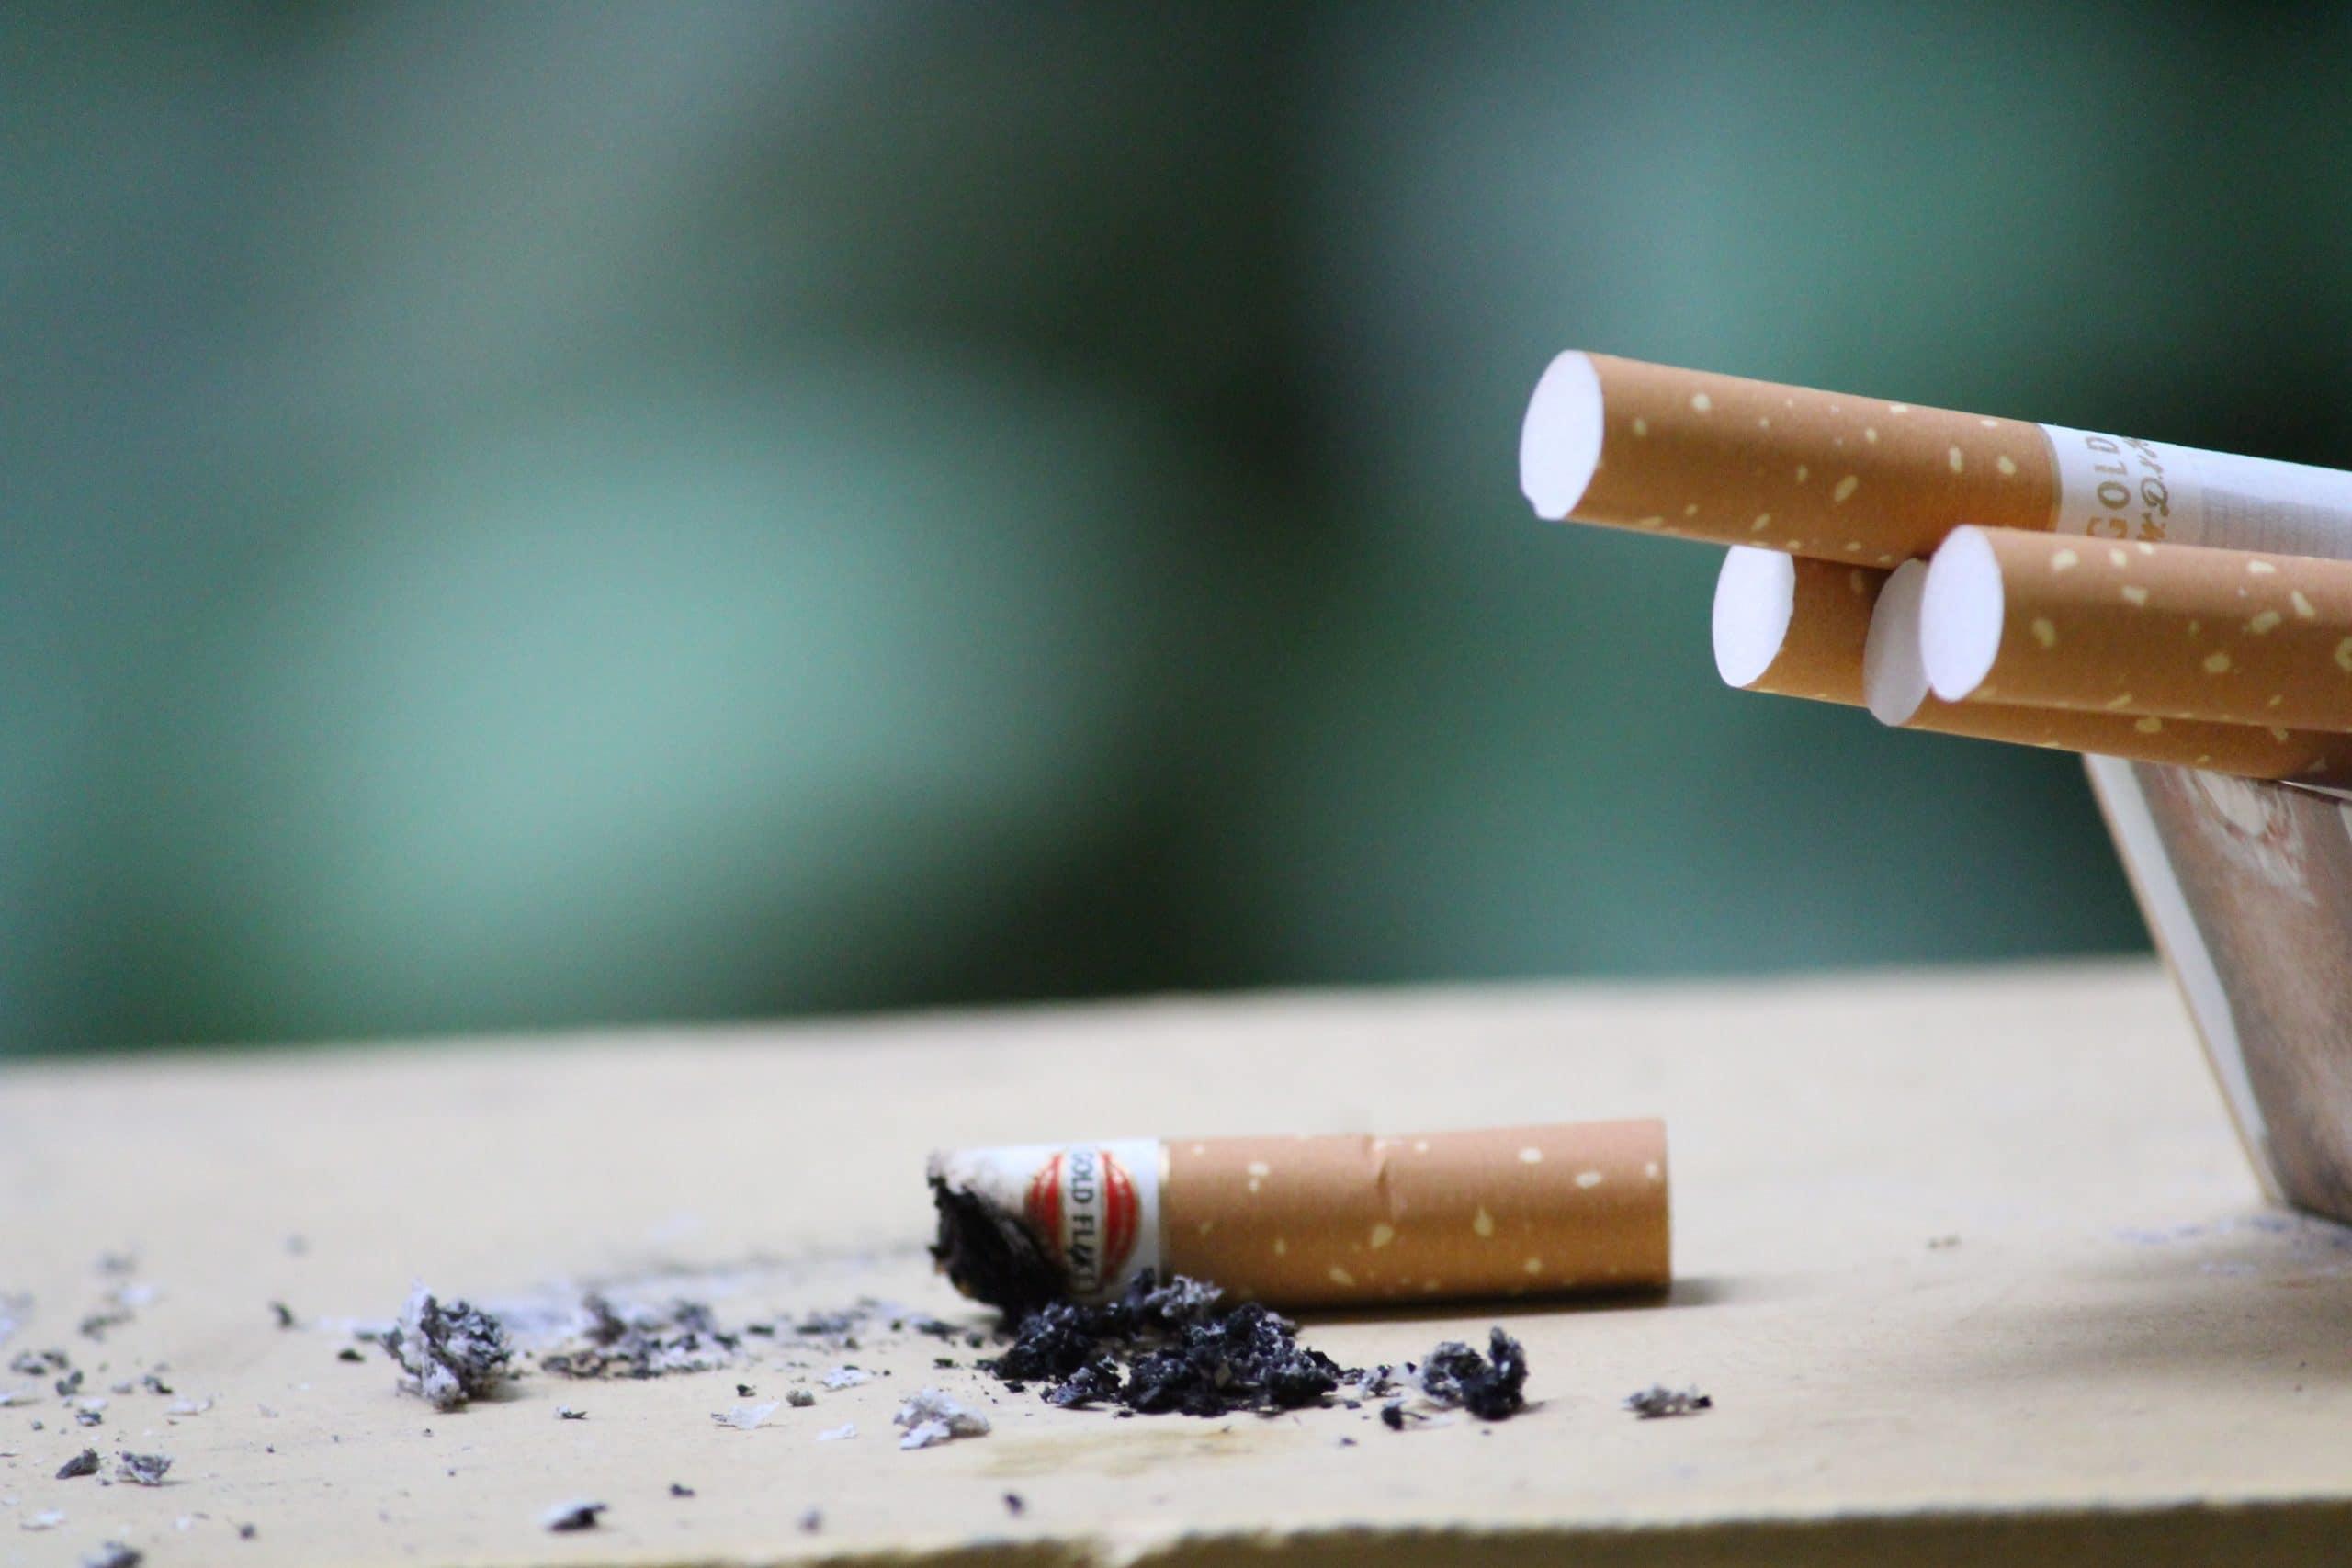 Cigarro apagado sobre uma superfície bege, com as cinzas espalhadas. Ao lado direito, quatro cigarros inteiros sobrepostos uns aos outros estão dentro de um recipiente.